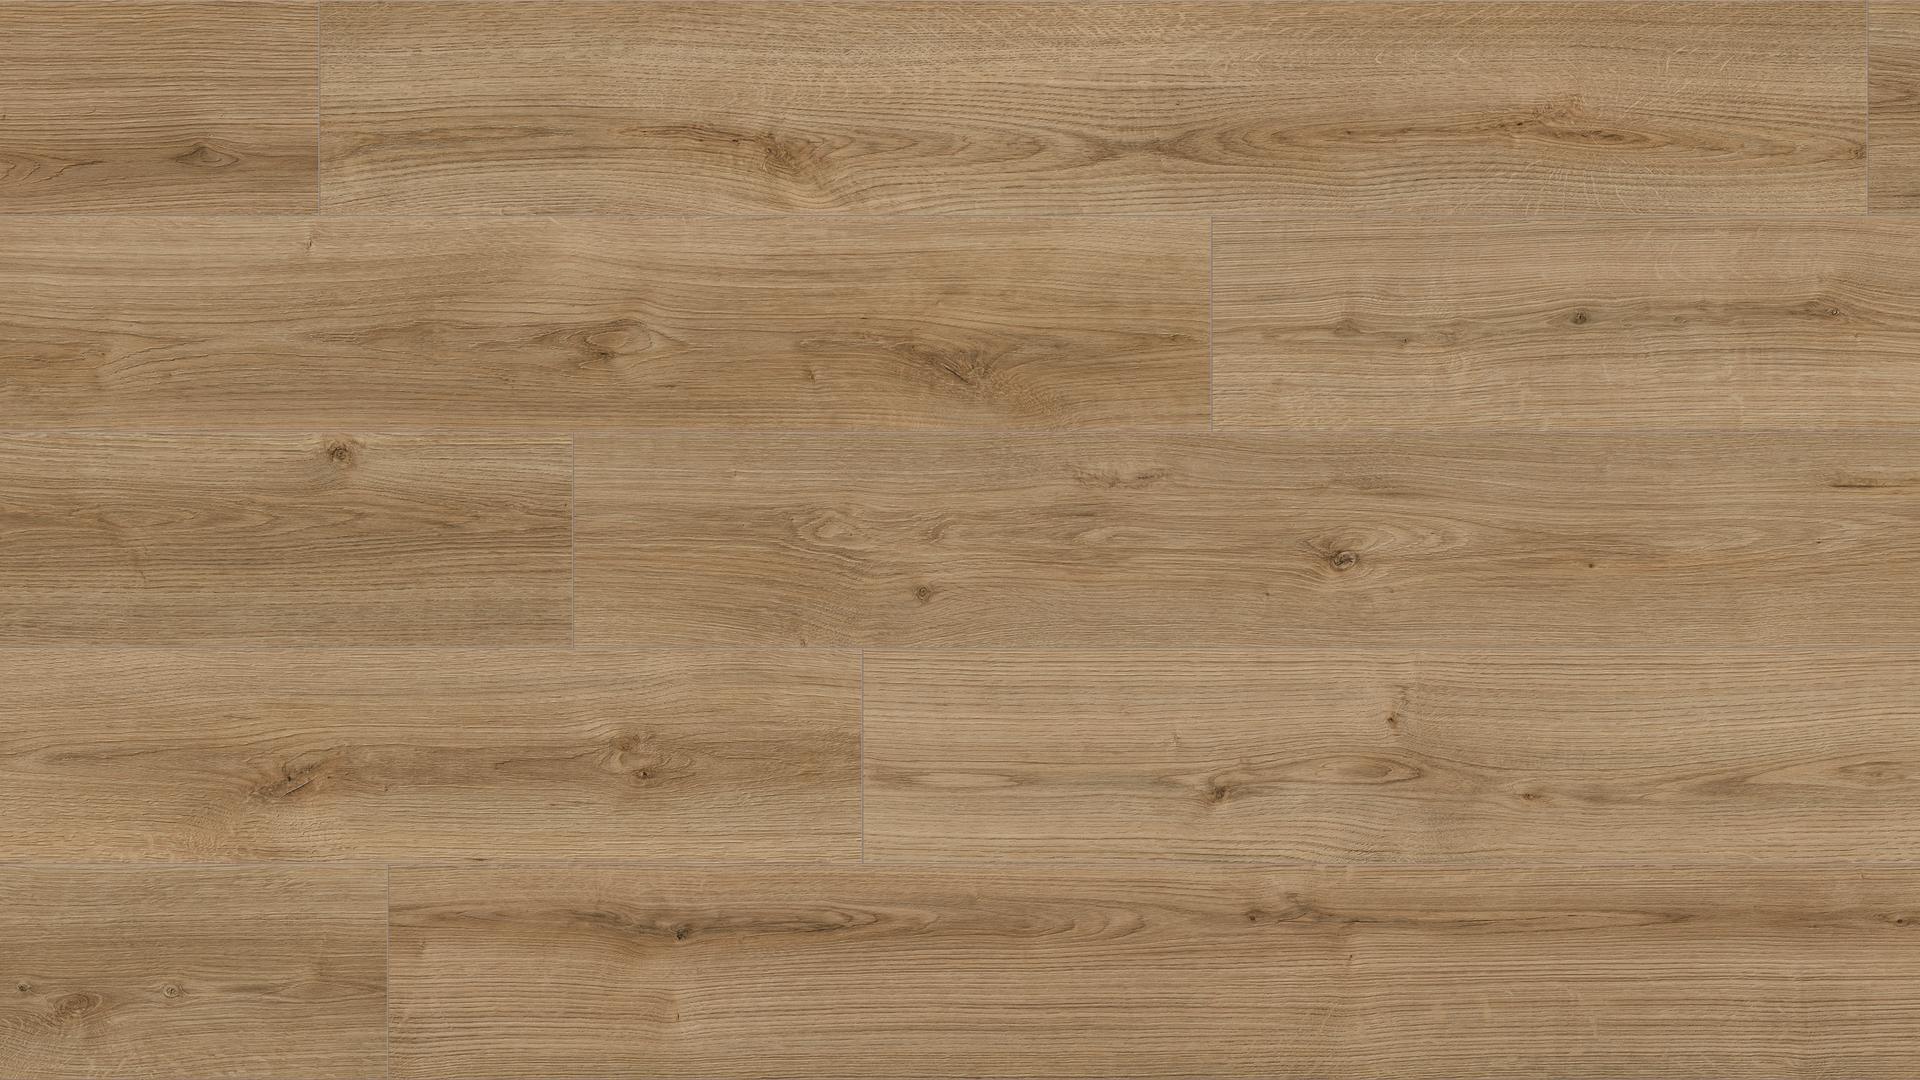 Oak Evoke Trend Ri Floor Kaindl, Laminate Flooring Ri